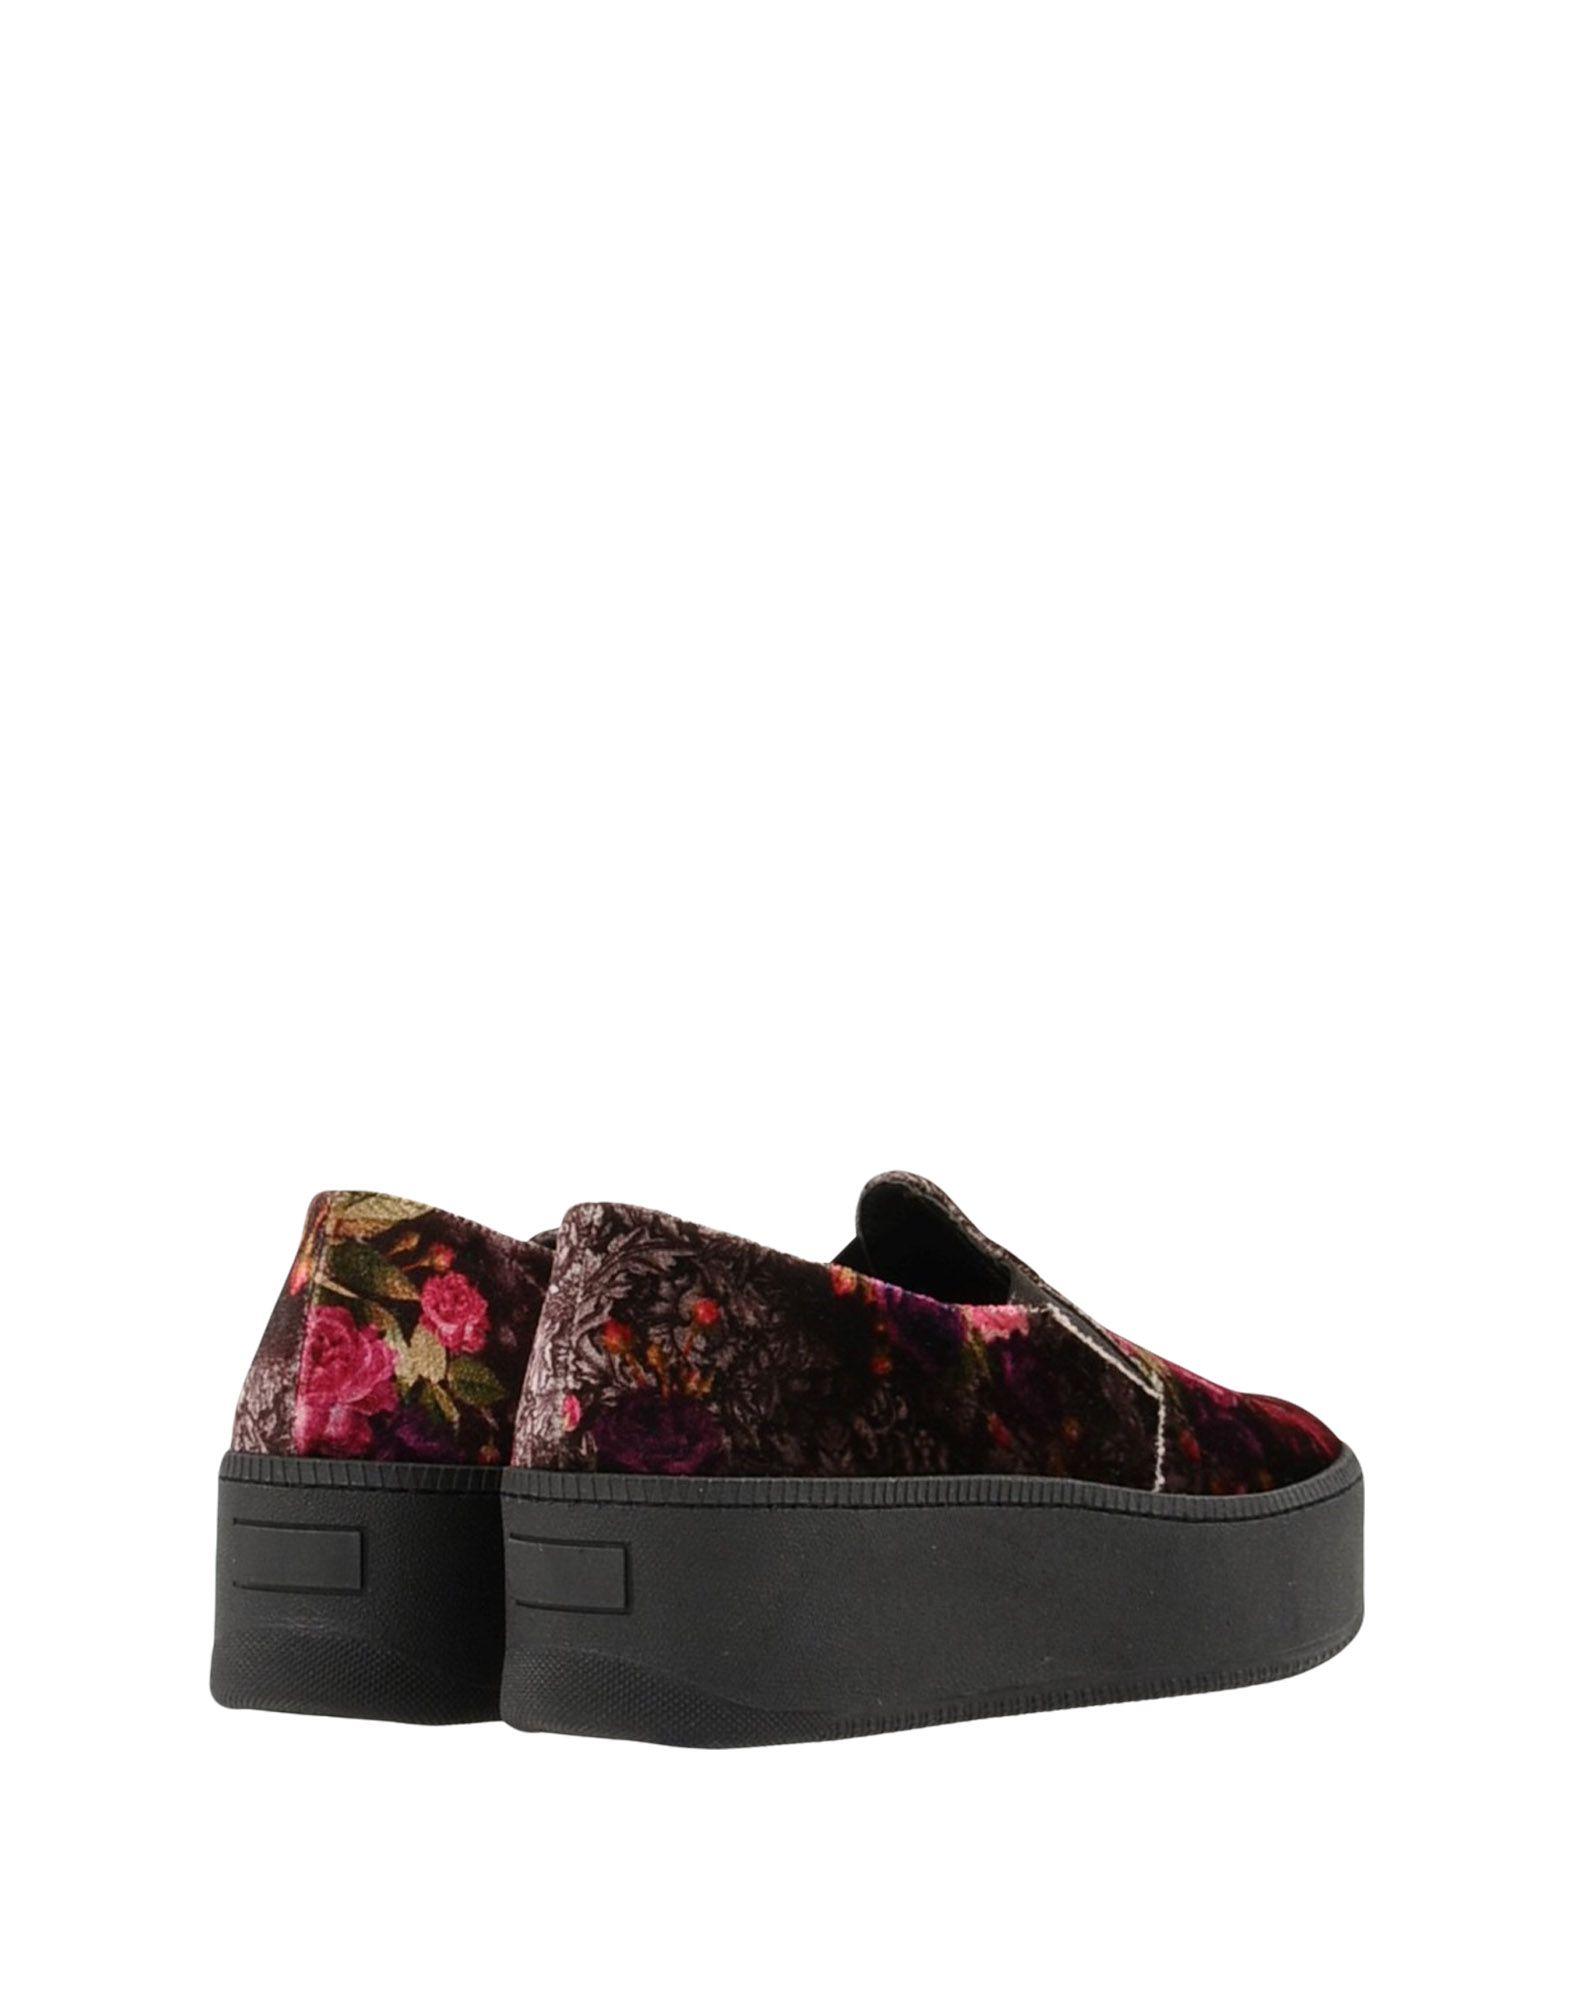 George J. Love Sneakers Damen Schuhe  11373291QQ Neue Schuhe Damen 5dc388